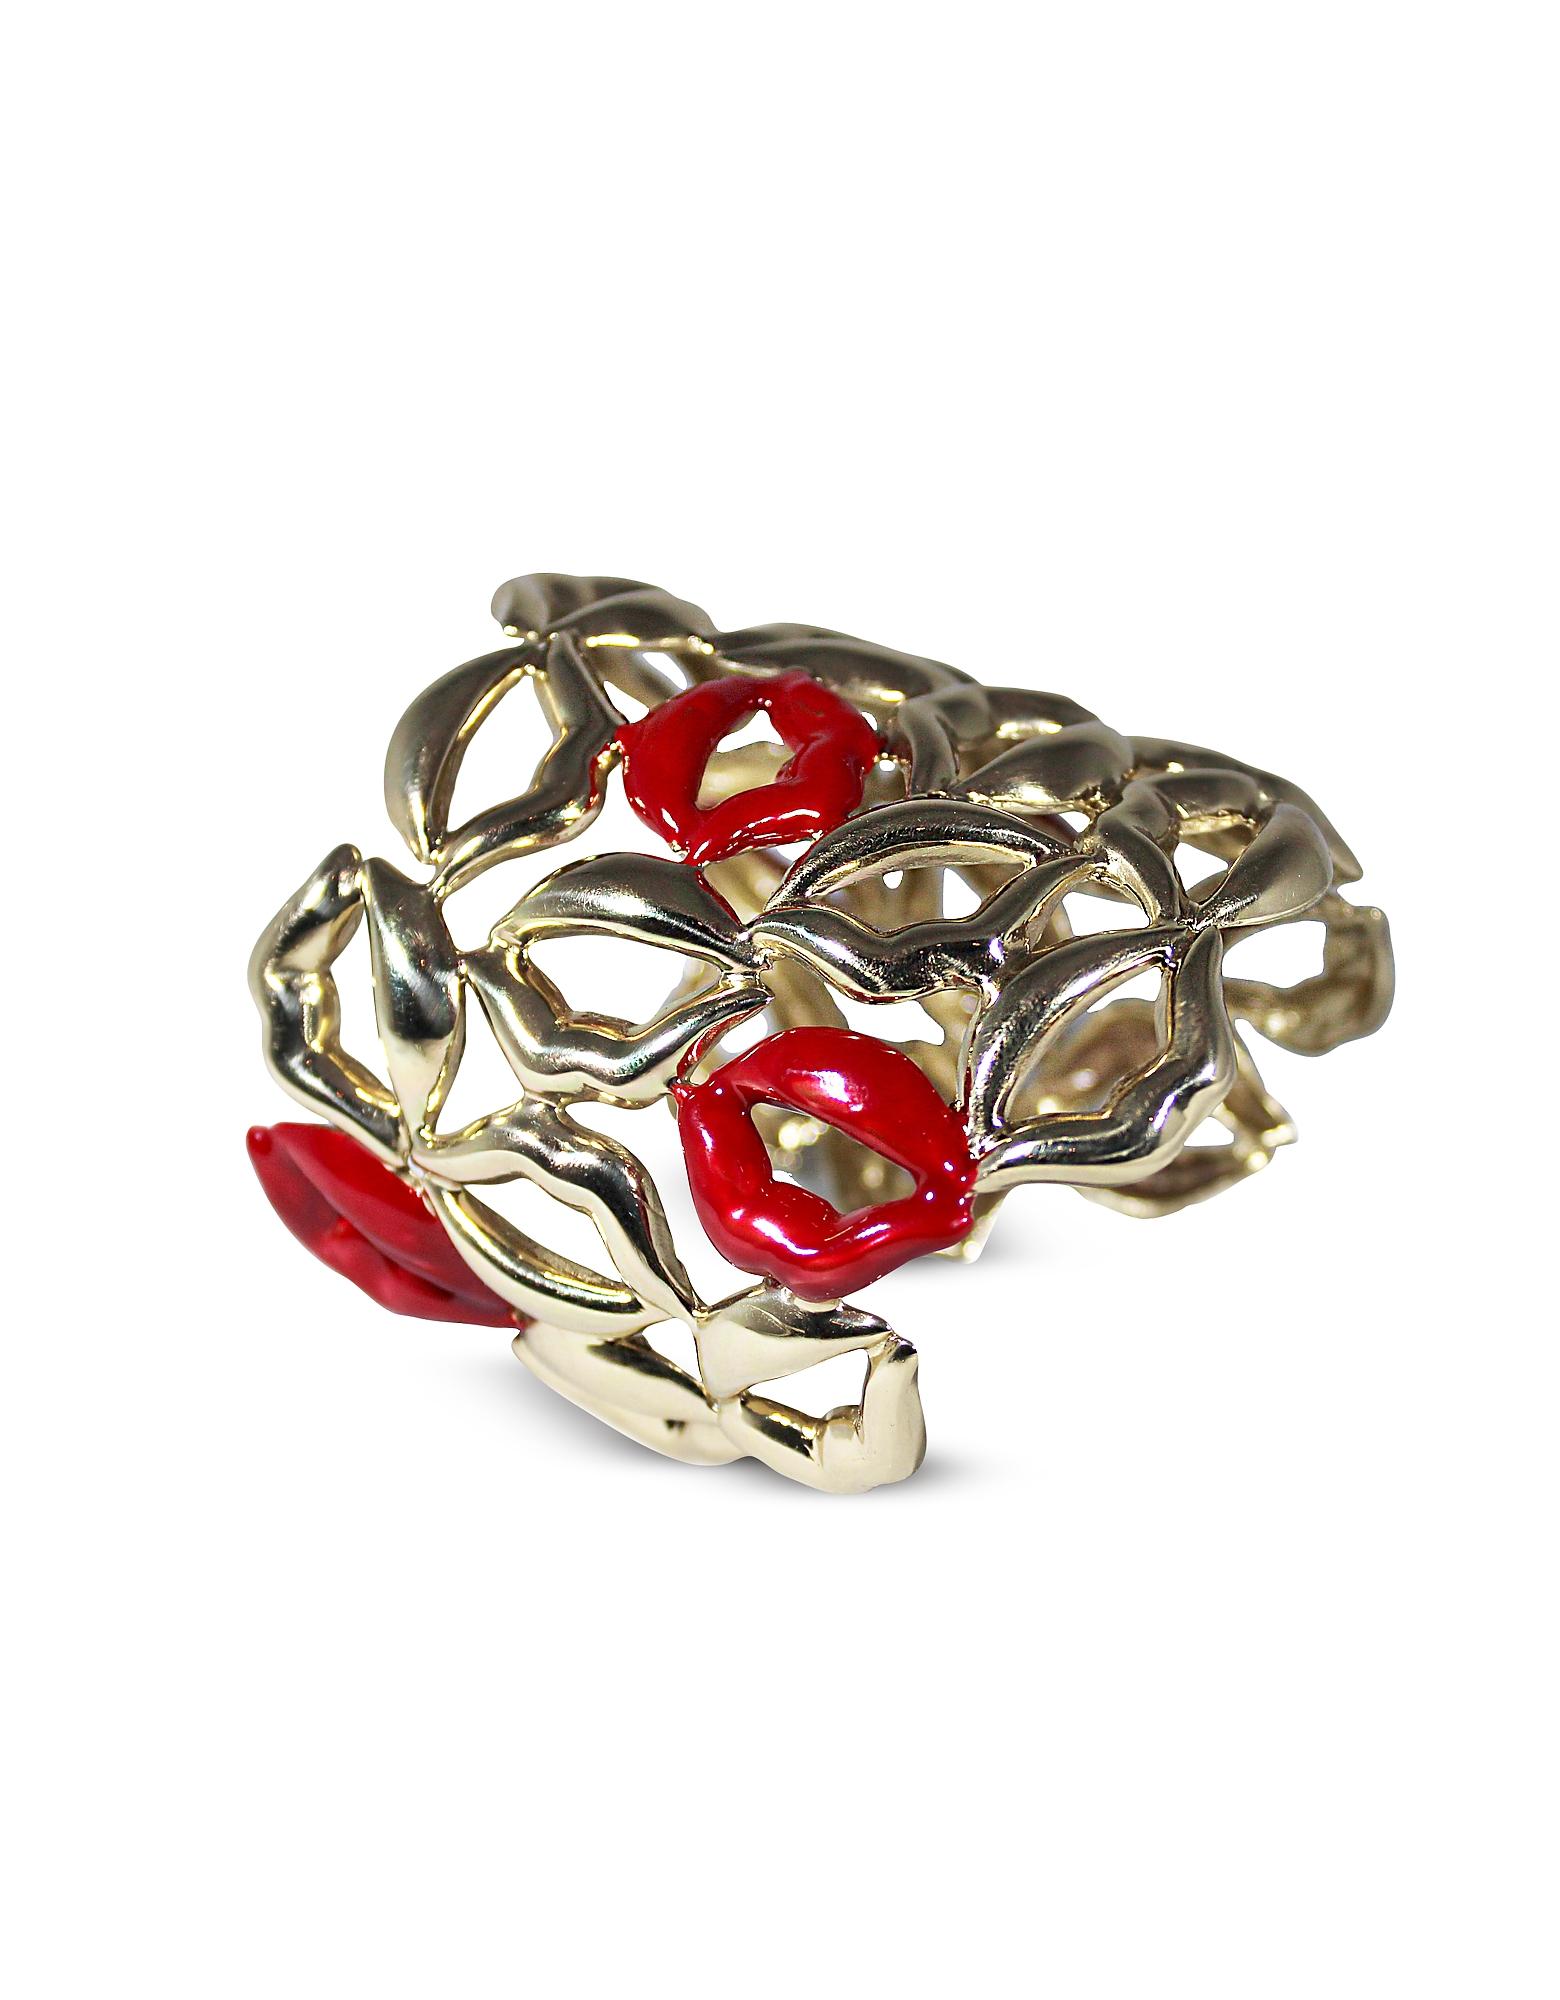 Multi Lips Brass Cuff Bracelet w/ Five Enamelled Red Lips